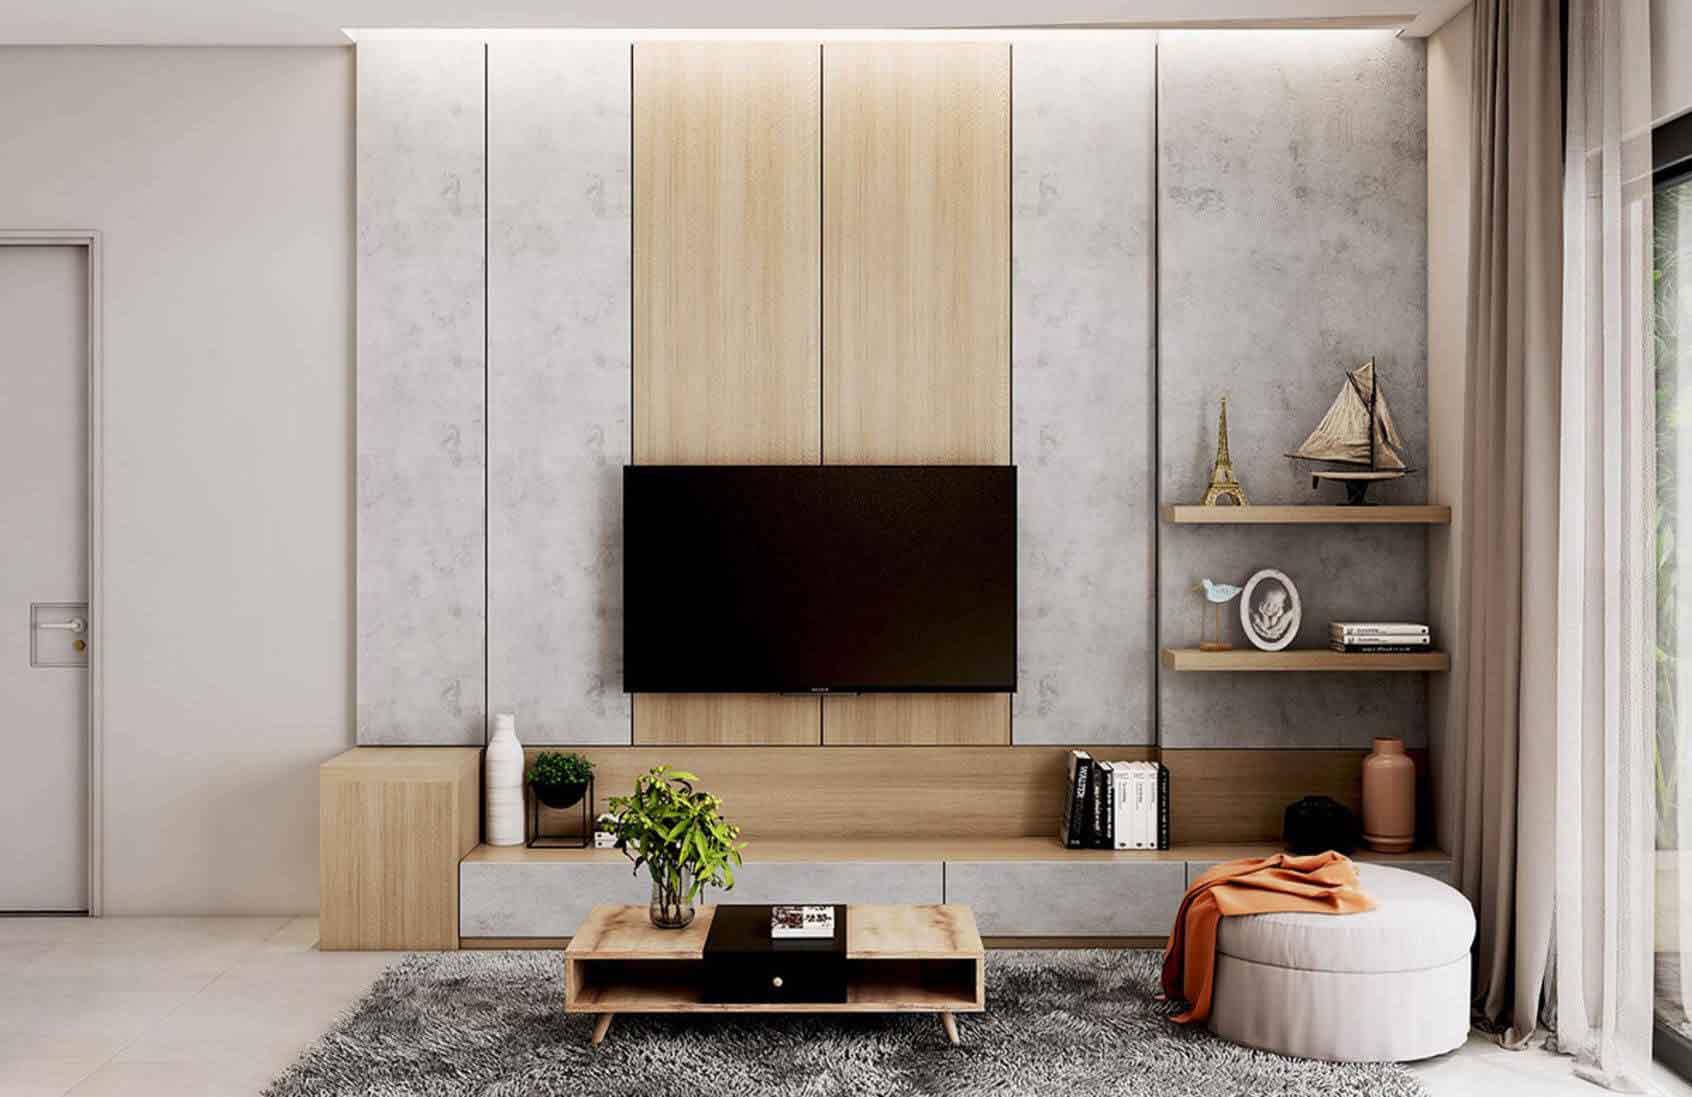 دکور پشت تلویزیون با چوب و دیوارپوش طرح بتن